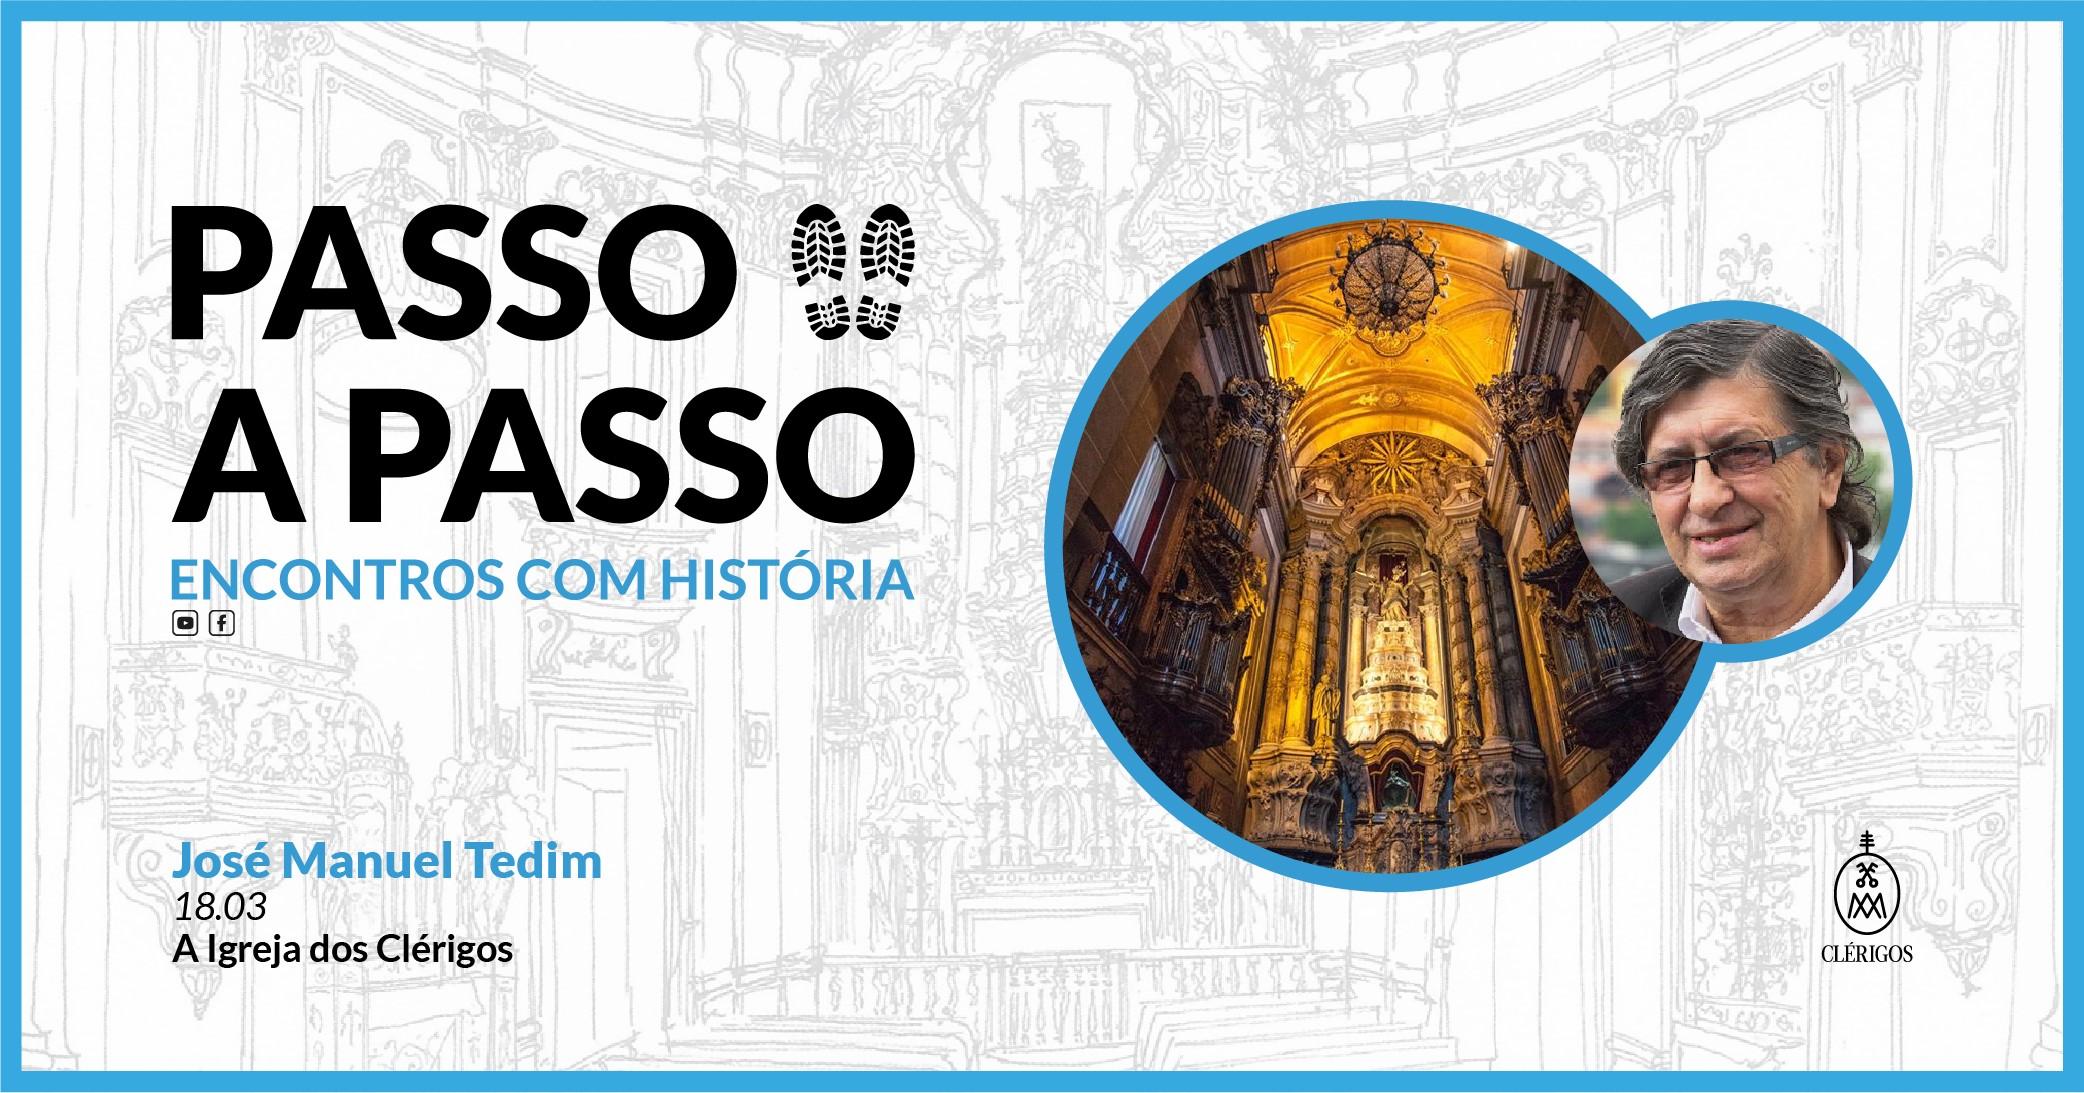 Passo a Passo, Encontros com História - Ep.2 com Jose Tedim